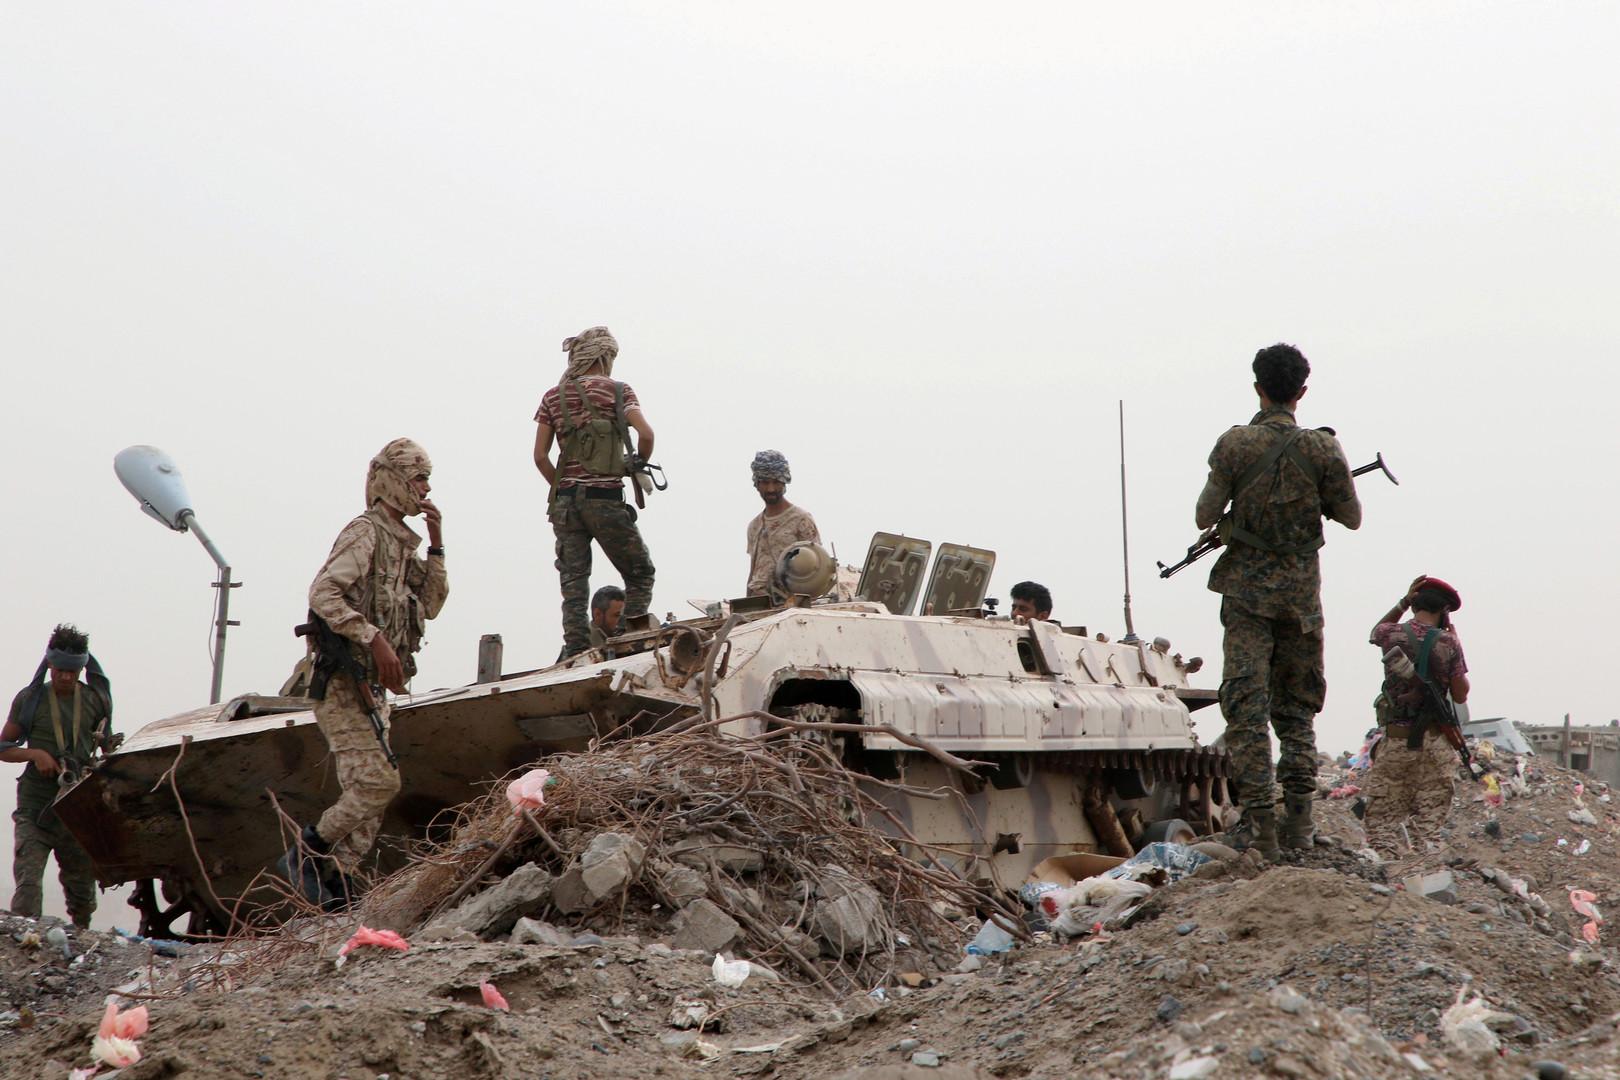 نتيجة بحث الصور عن اليمن.. قوات النخبة الشبوانية تستعيد مواقع في مدينة عتق بمحافظة شبوة